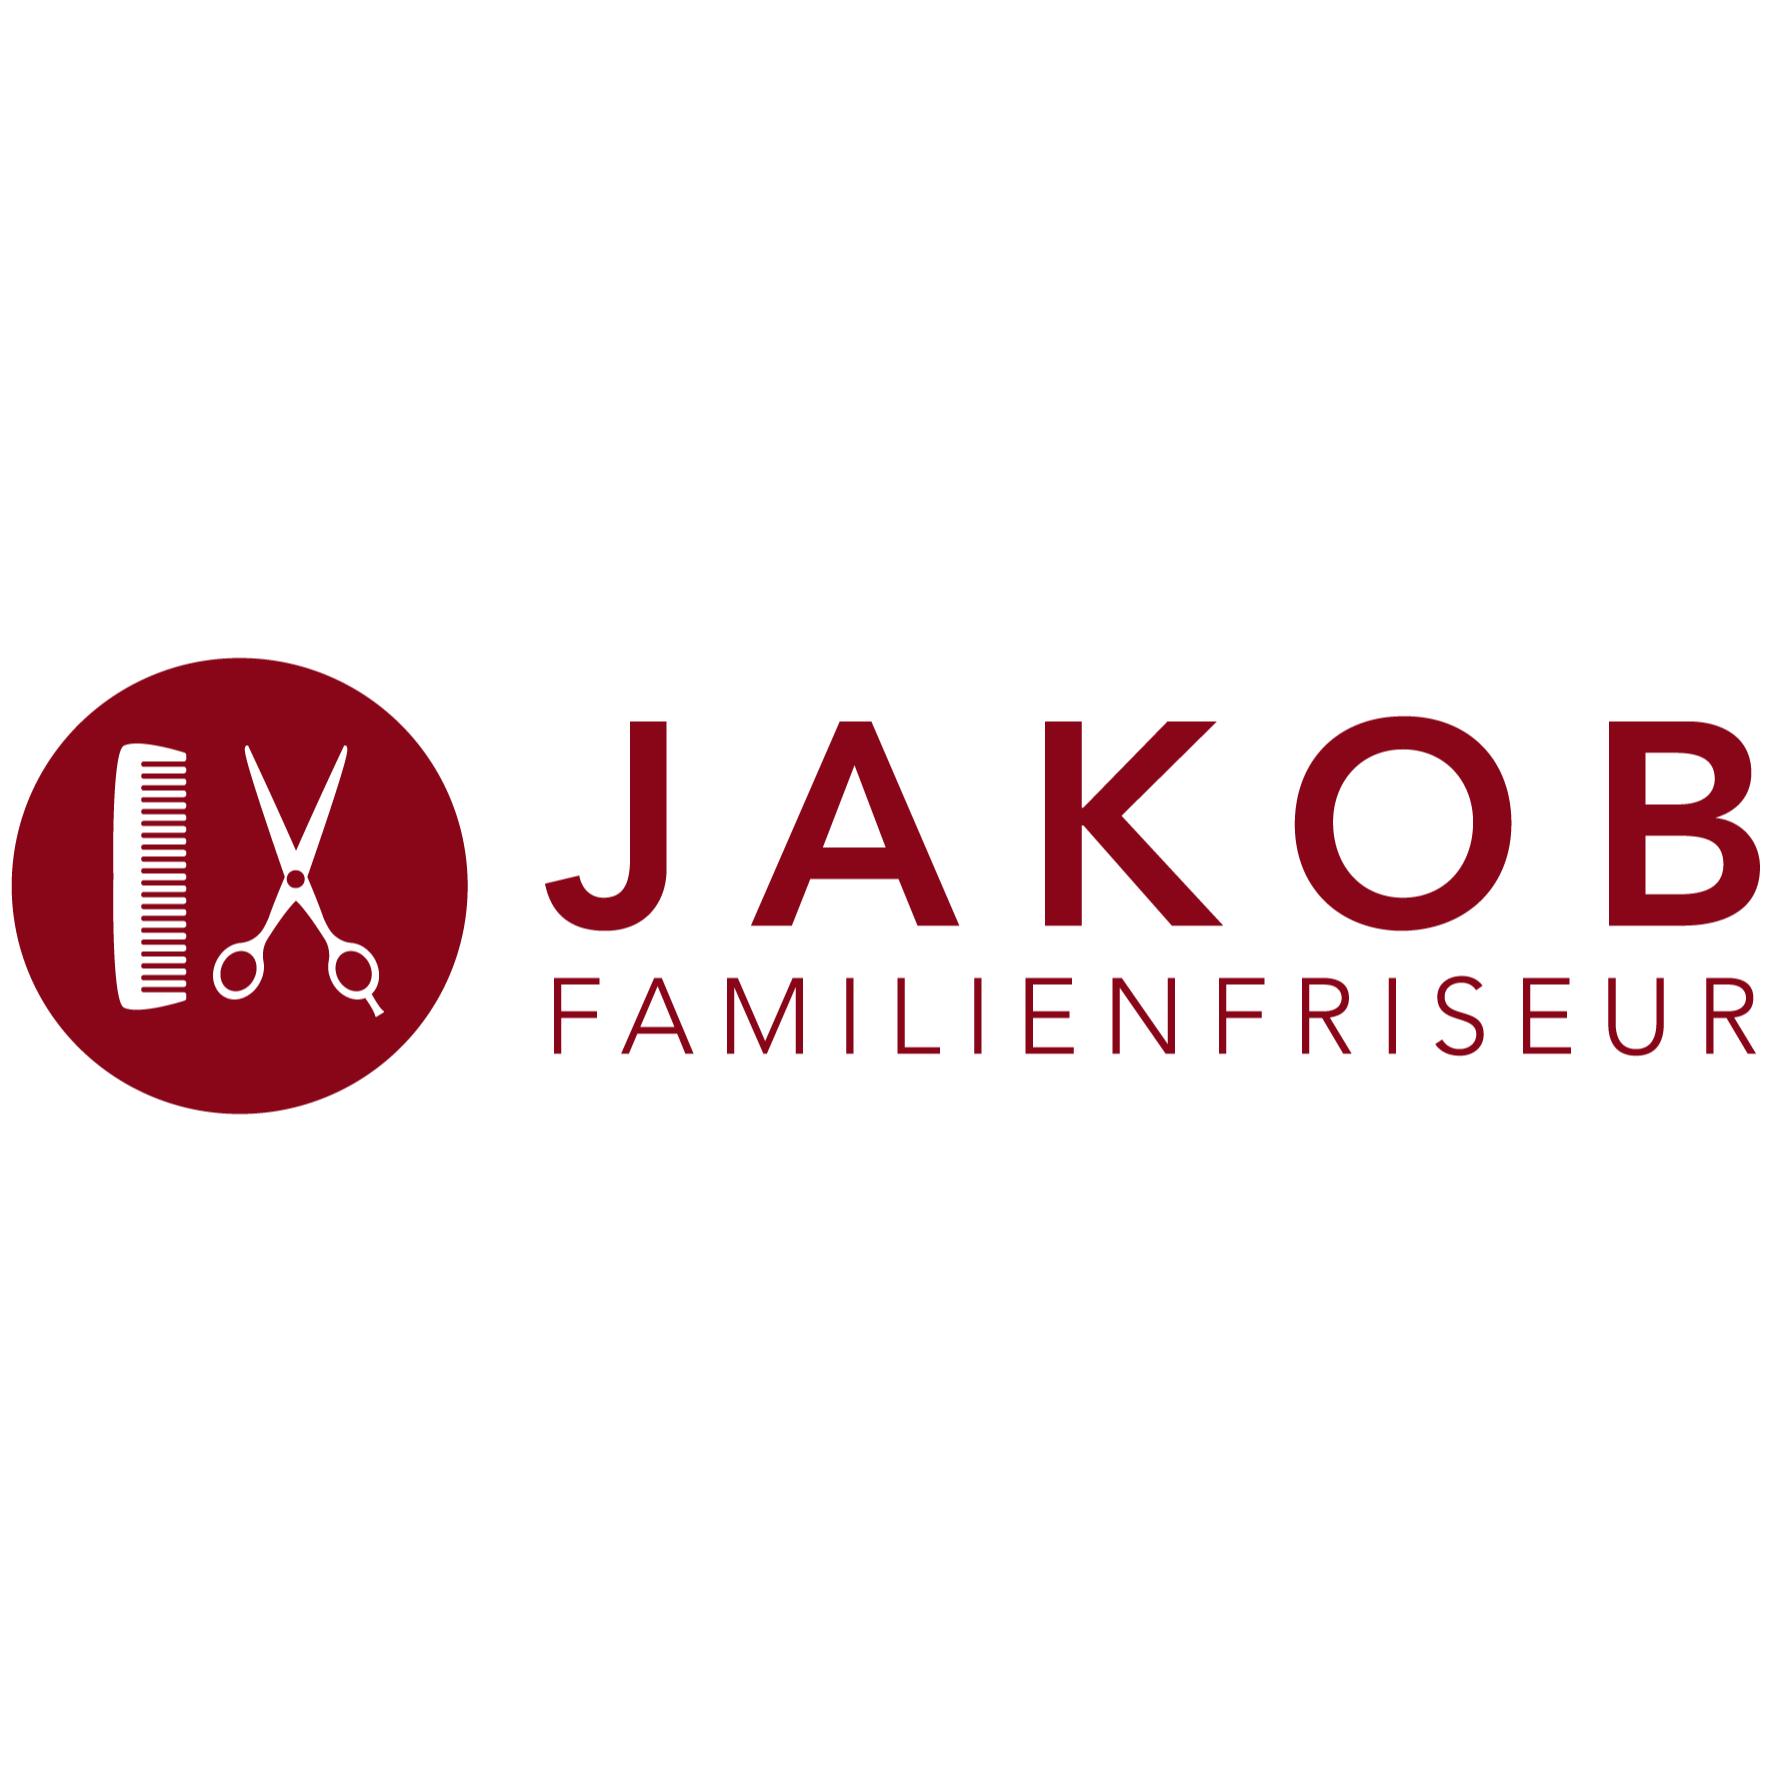 Logo Familienfriseur Jakob